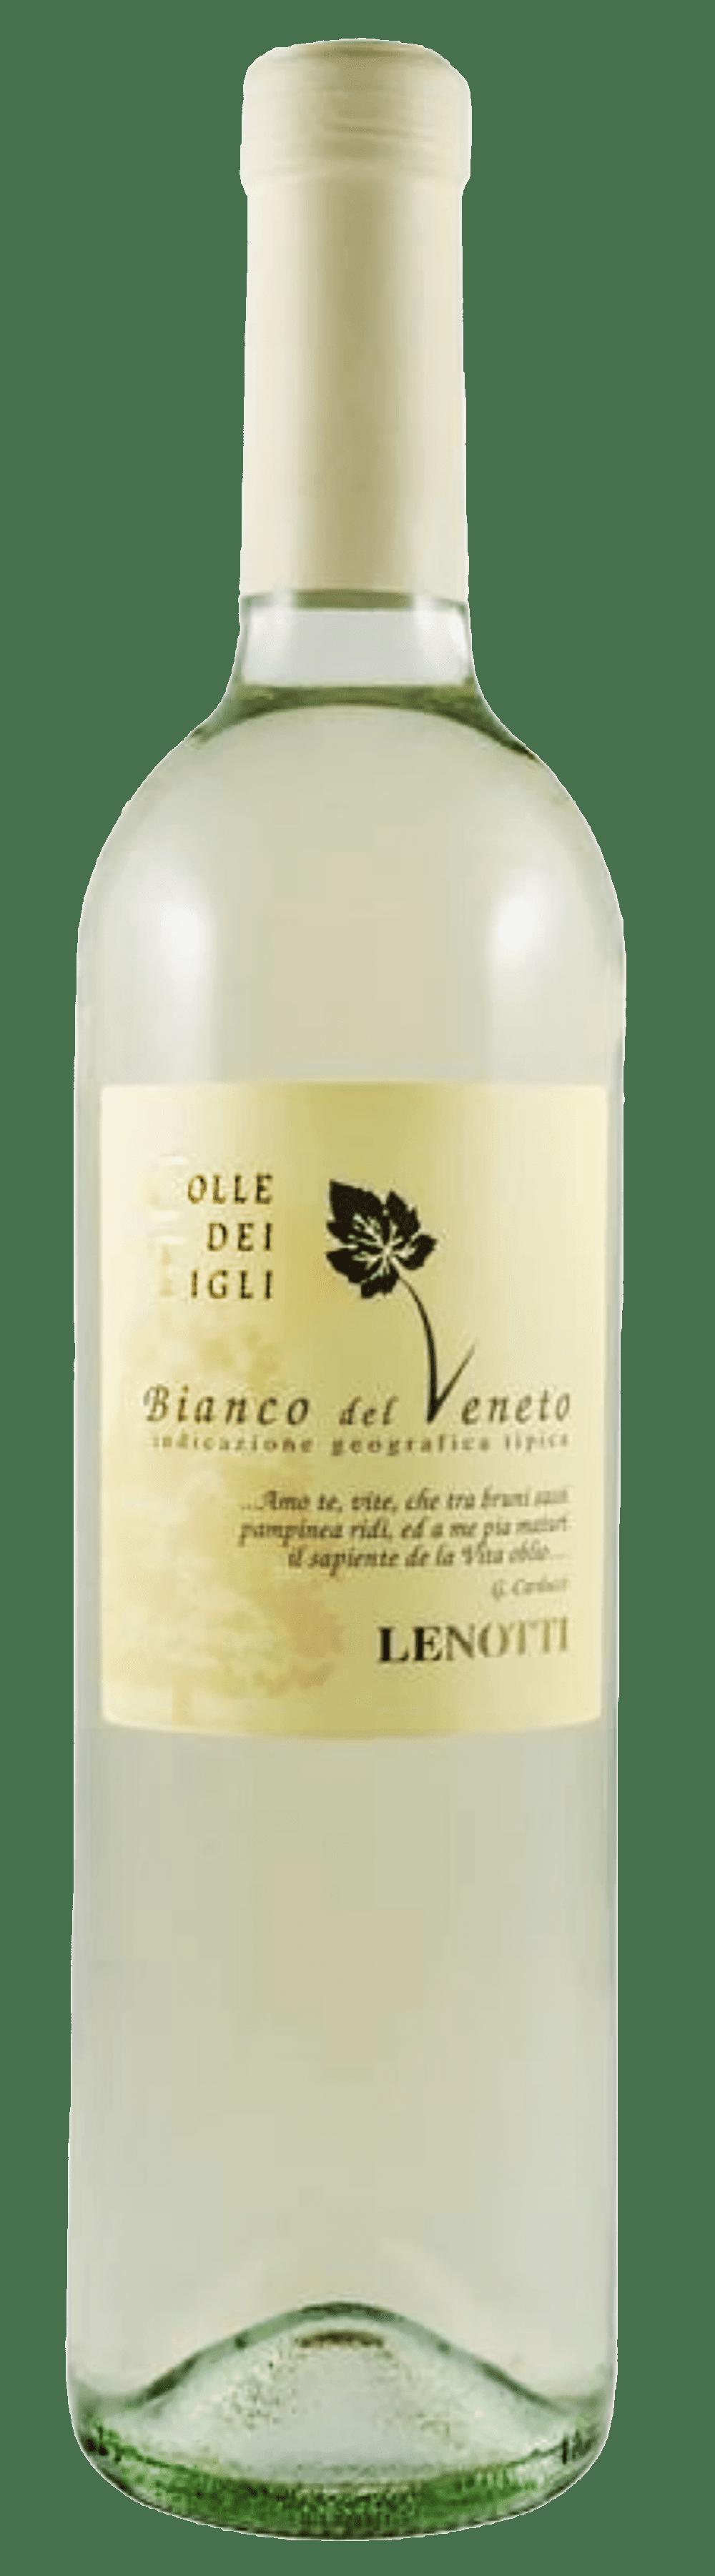 Bianco del Veneto Colle dei Tigli Lenotti